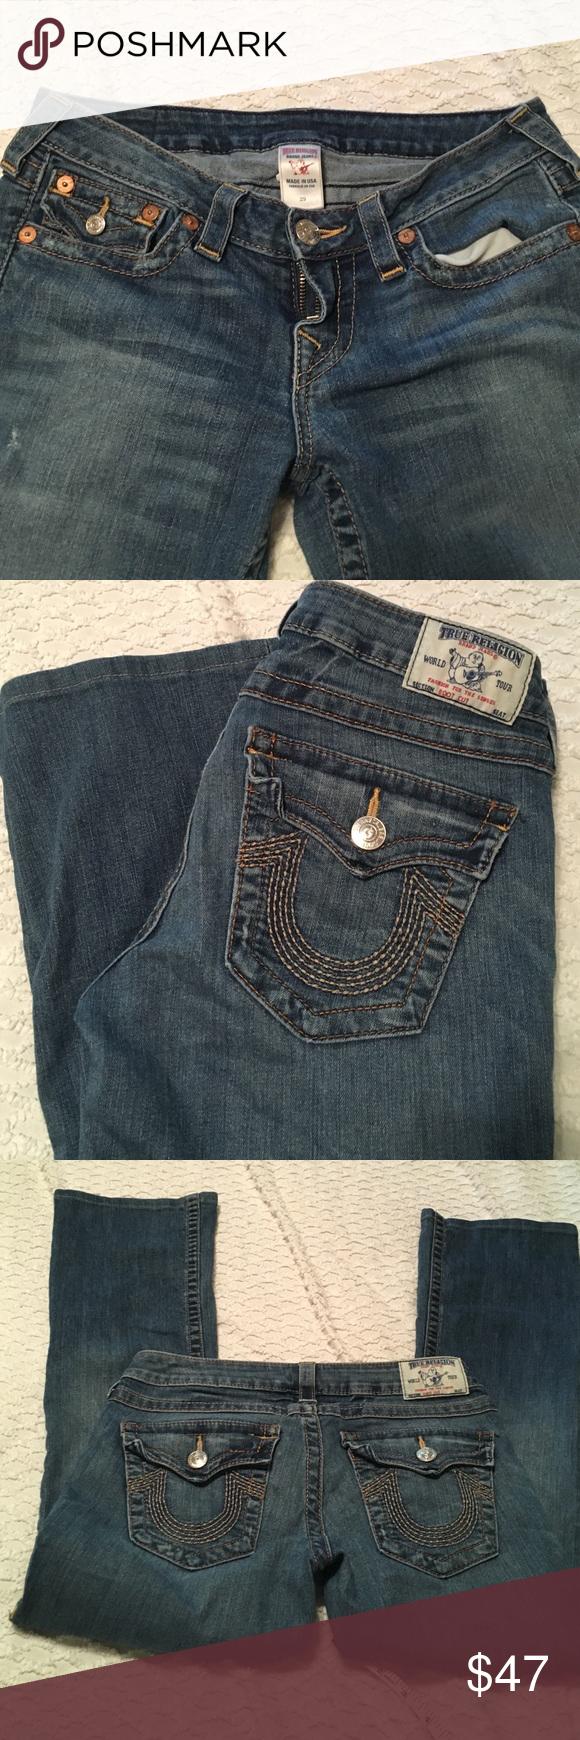 True religion jeans boot cut True religion jeans boot cut size 29 inseams 28 no wear or  tear True Religion Jeans Boot Cut